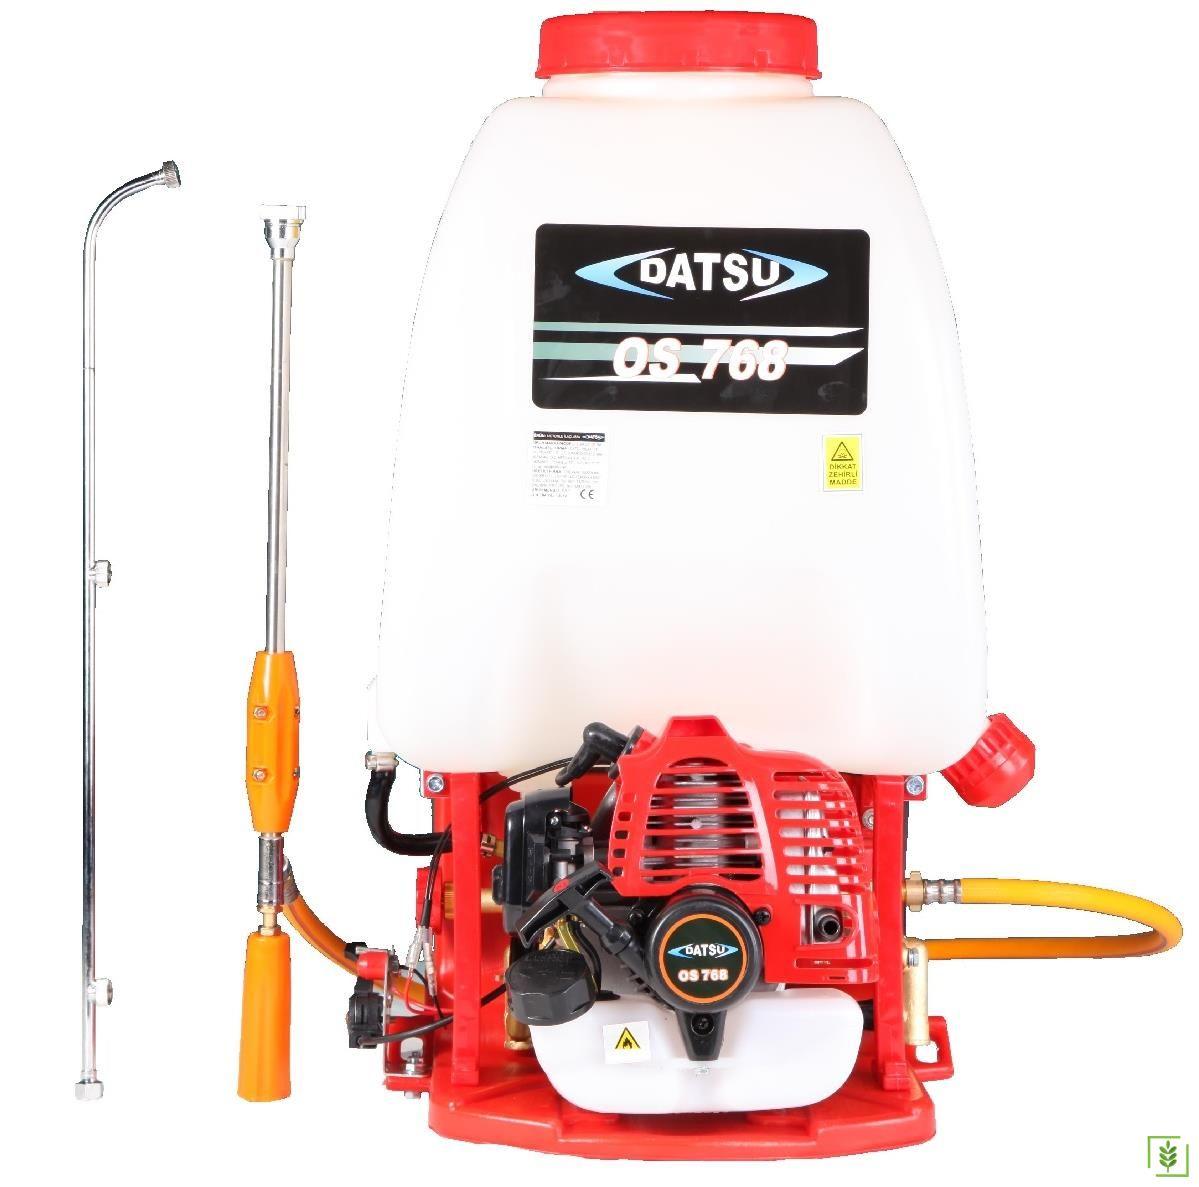 Datsu Os 768 Benzinli İlaçlama Pülverizator 25 Lt